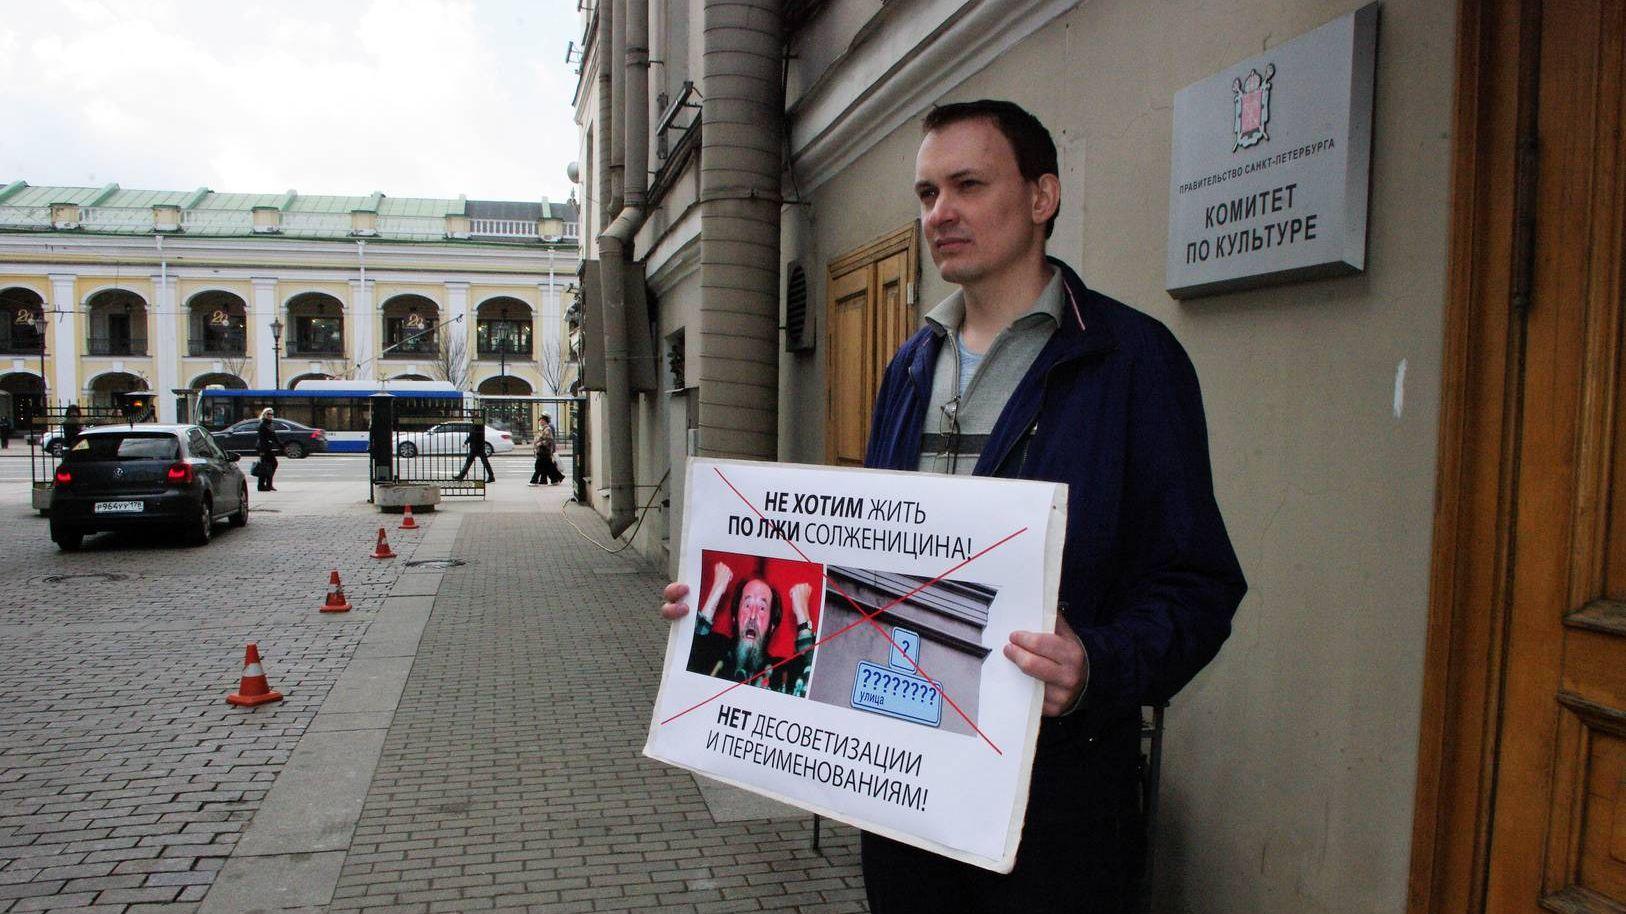 20180427_12-01-Активисты из Петербурга выступили против продолжателей дела Солженицына